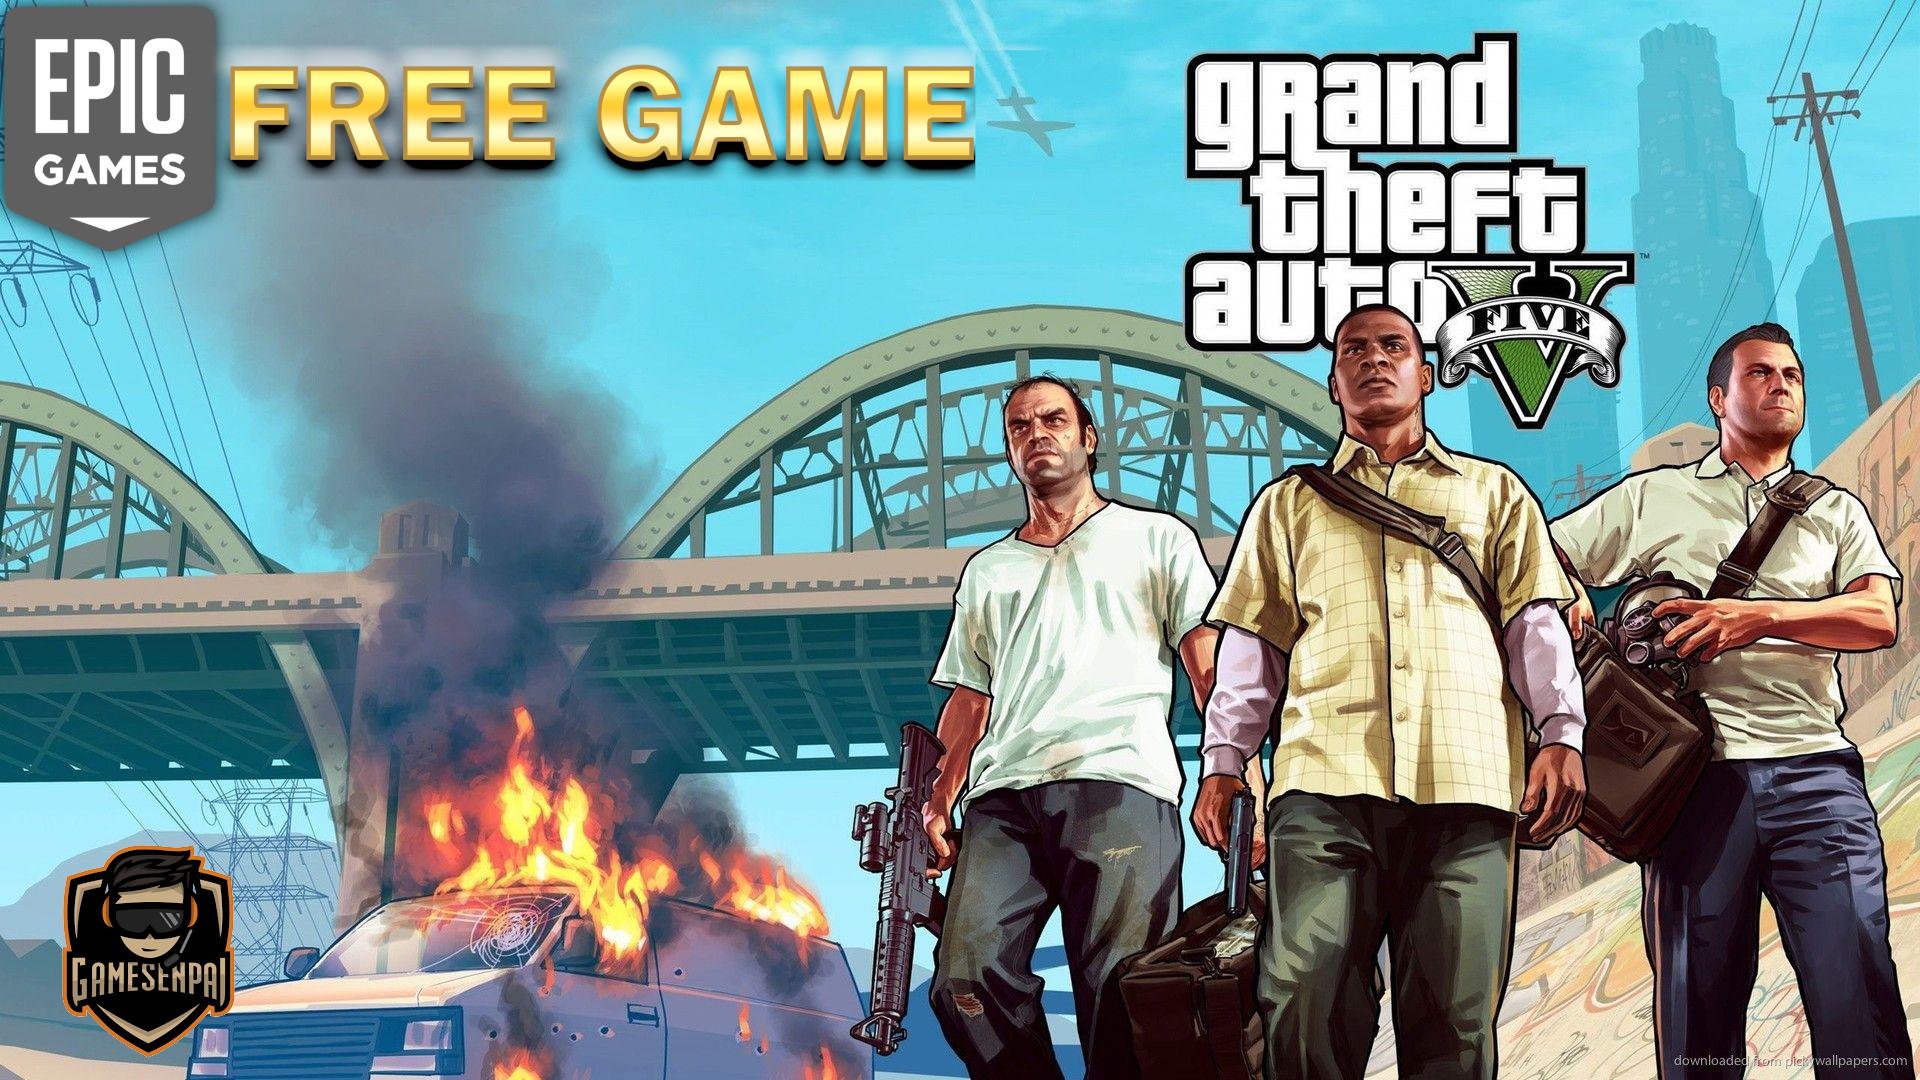 Free Epic Game